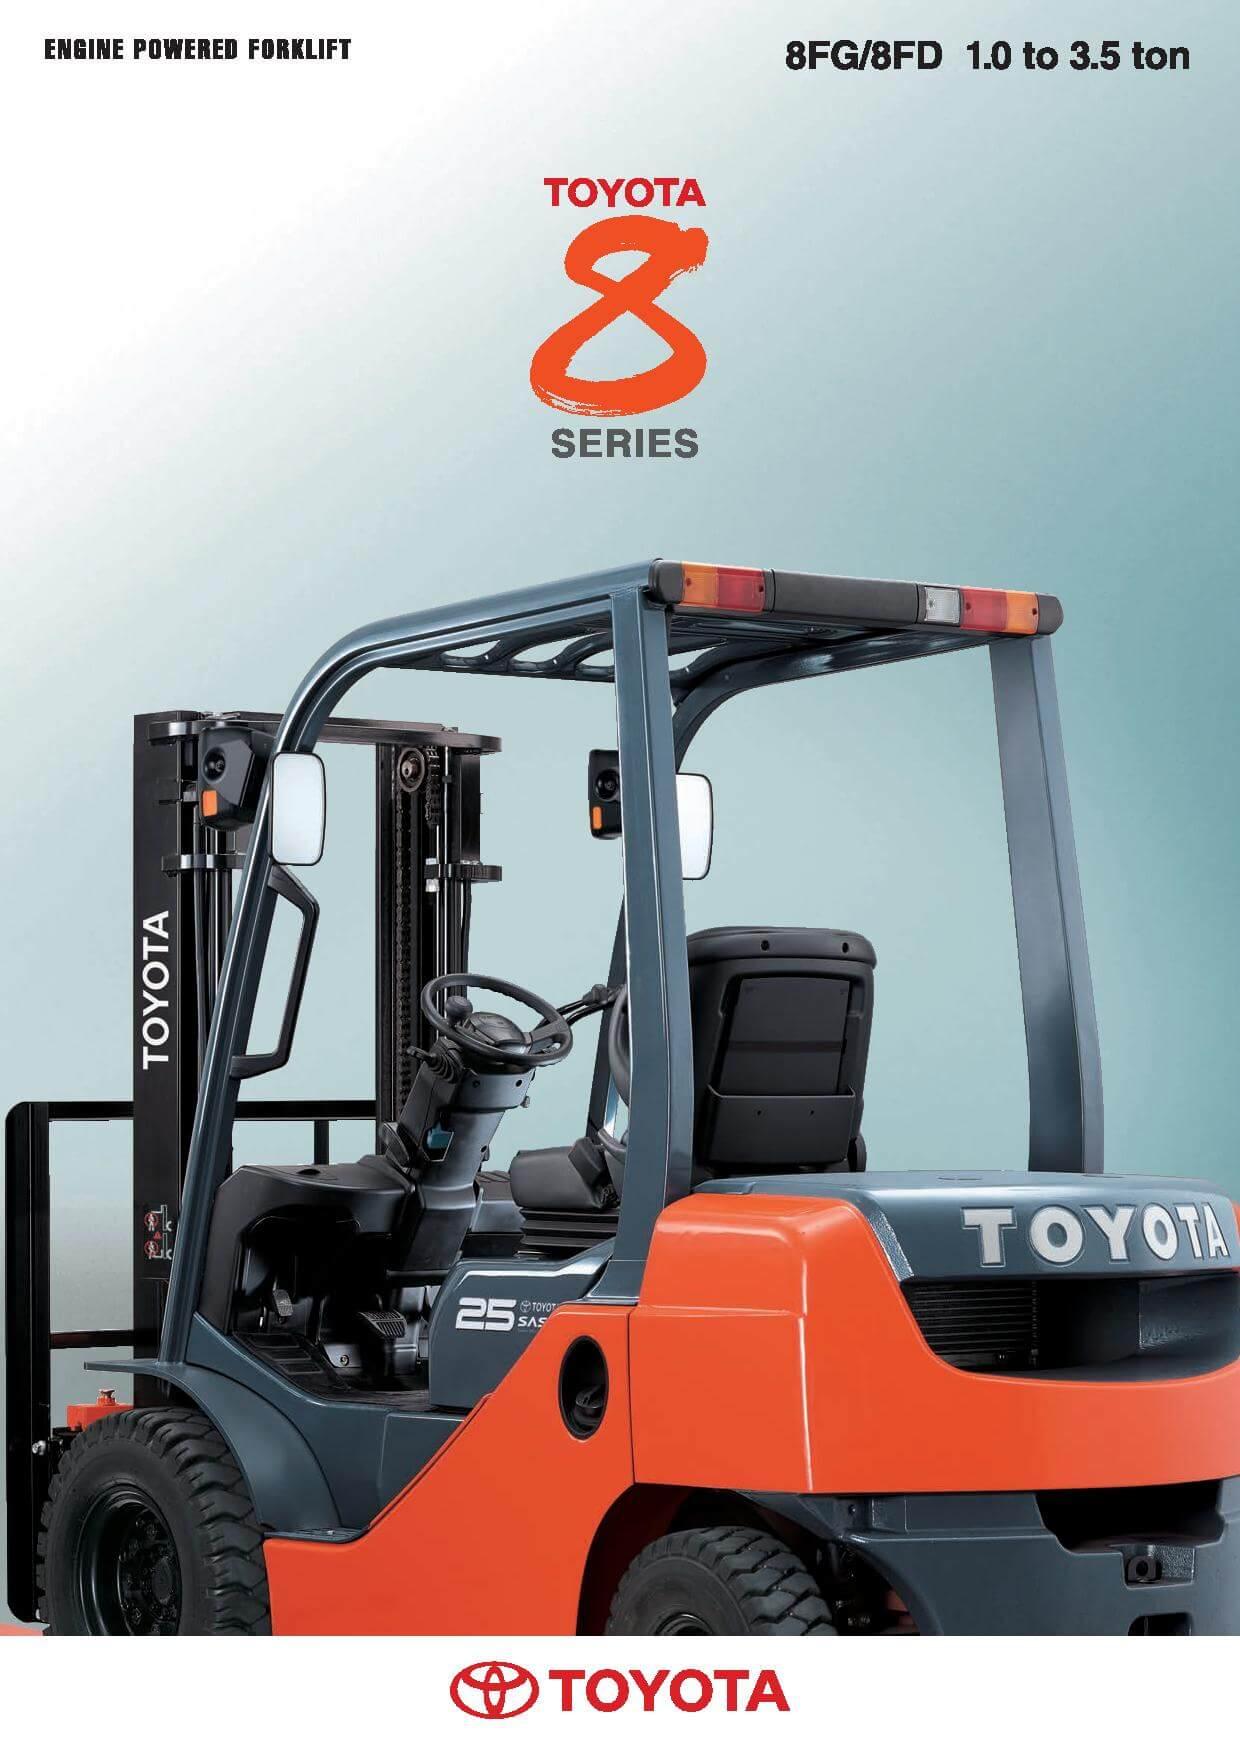 Toyota diesel forklift